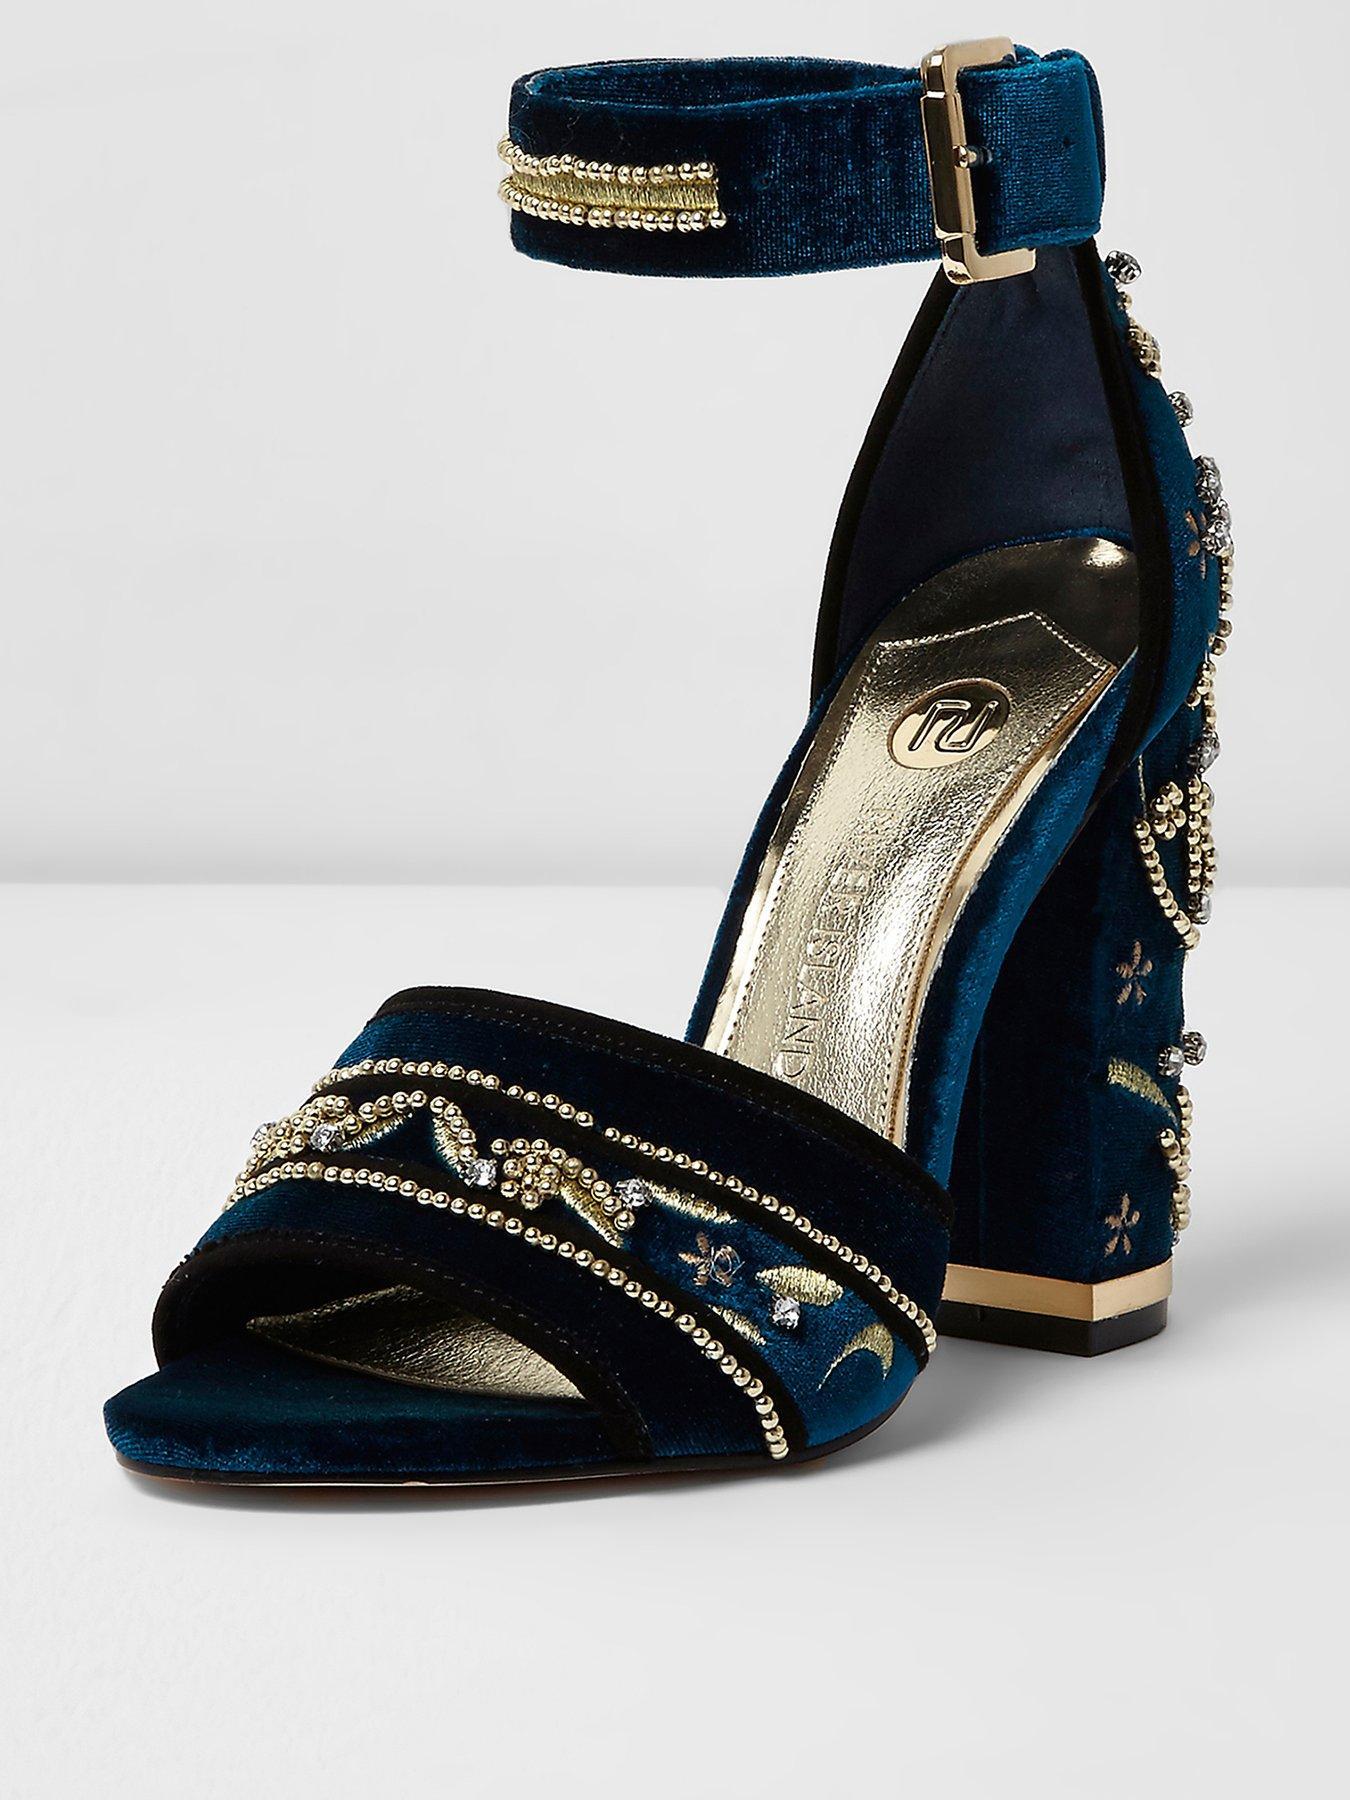 River Island Embellished Block Heel Ankle Strap Sandal 1600171690 Women's Shoes River Island Heels